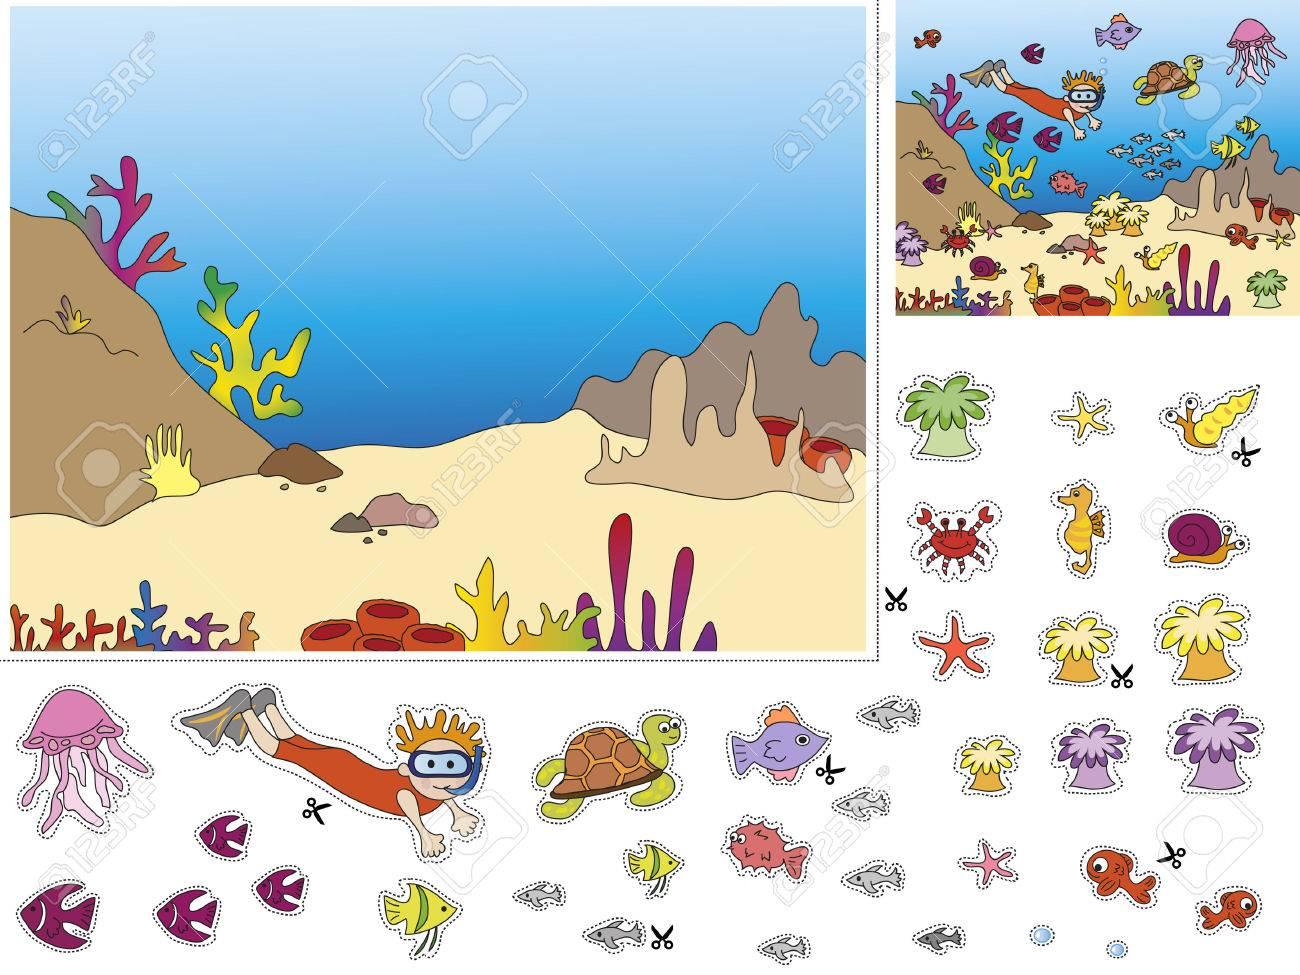 Lieblings Spiel Für Kinder Ausschneiden Und Einfügen Lizenzfreie Fotos &TF_53